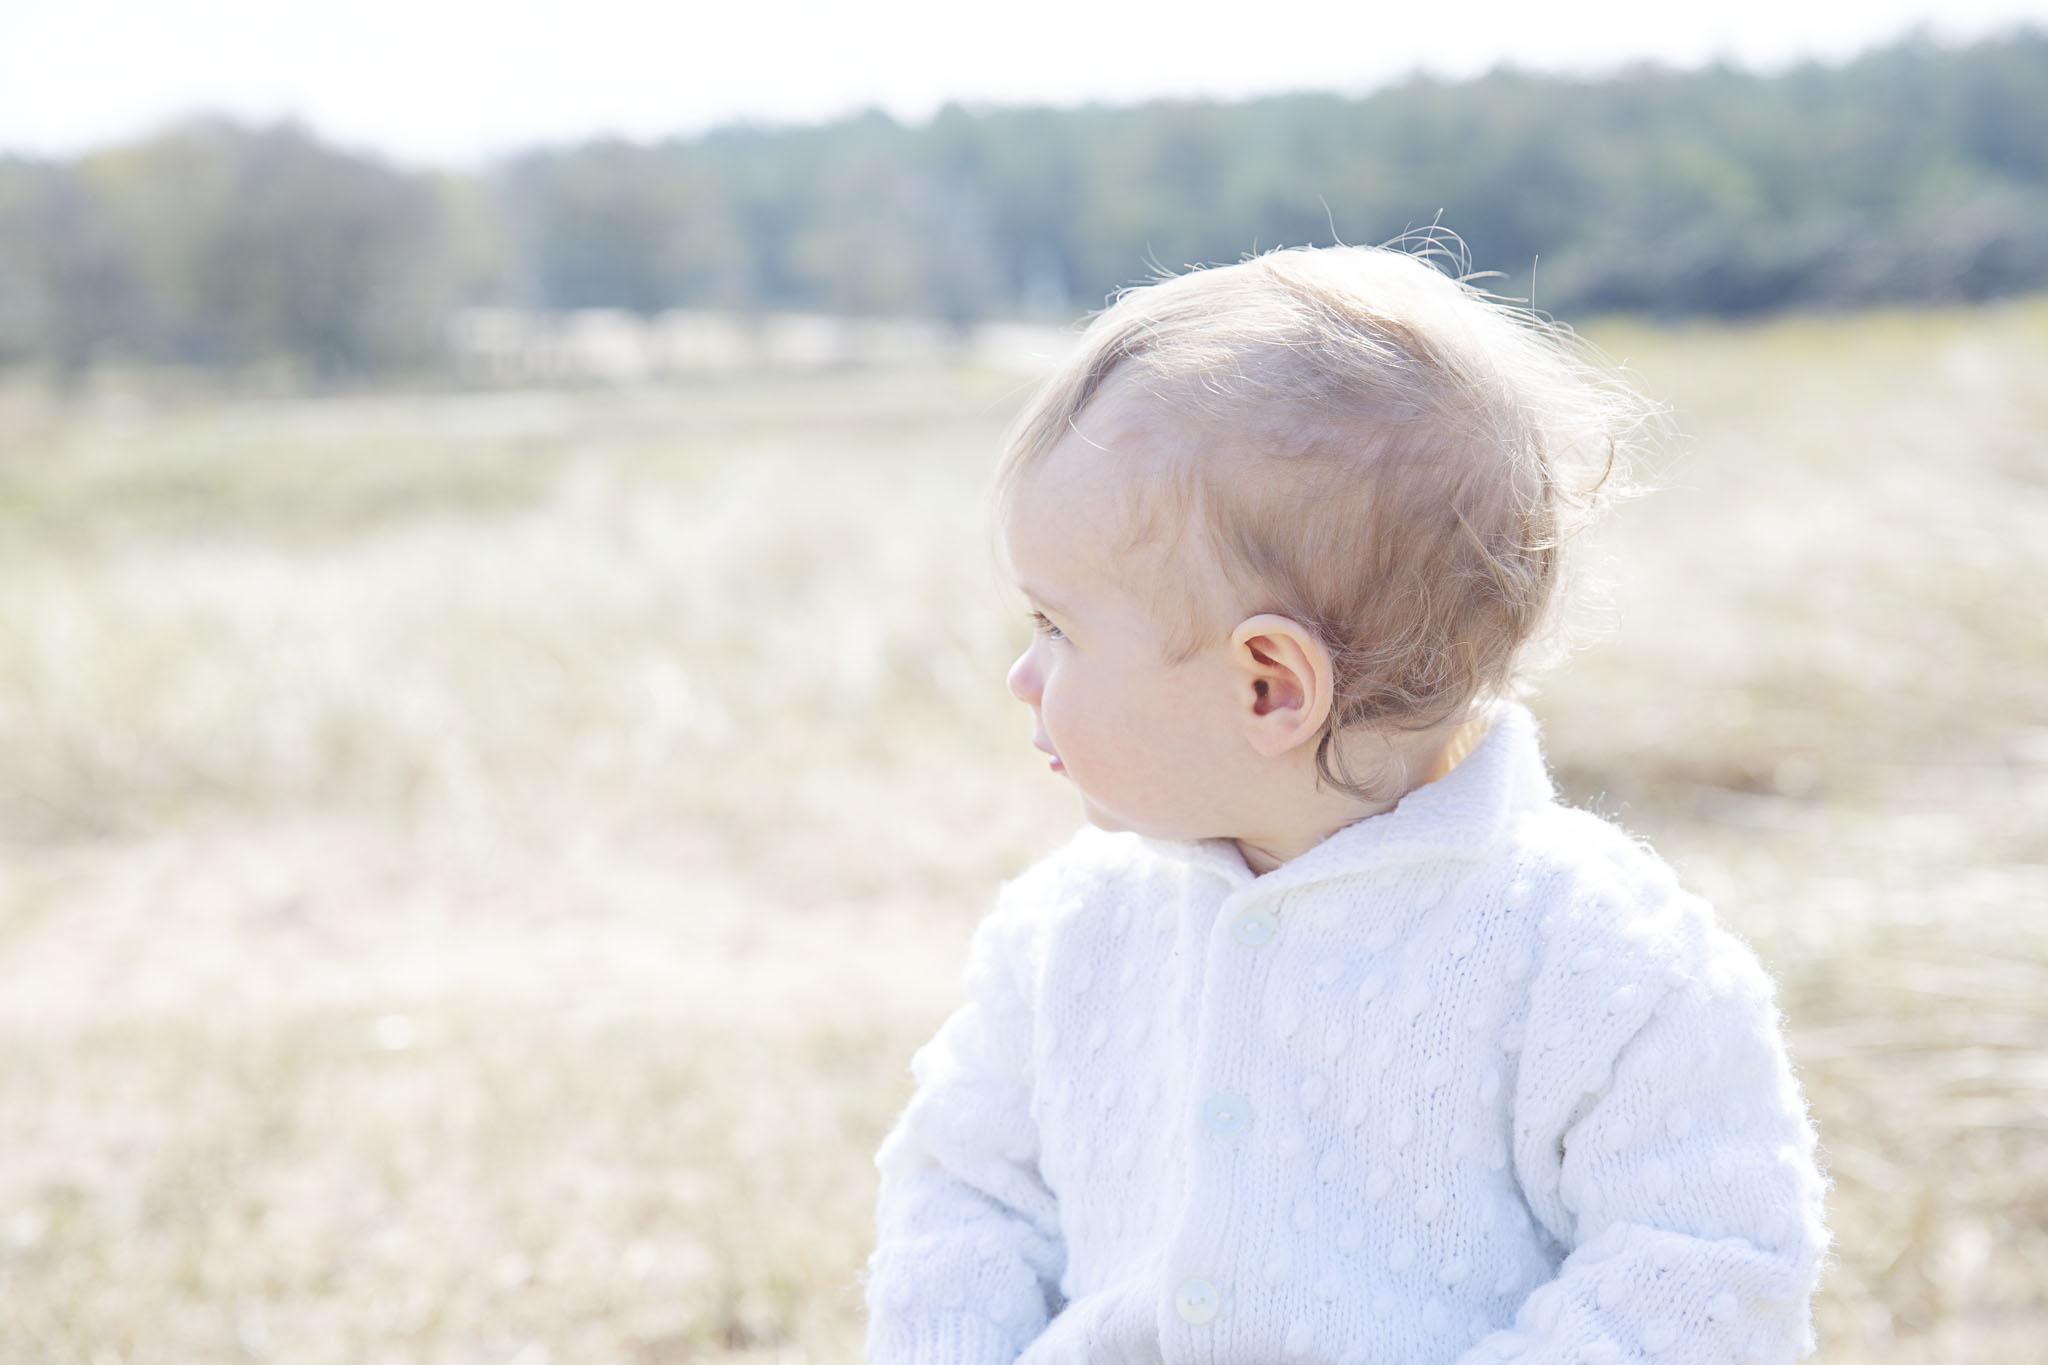 Barnfotografen fotograf Emy fotograferar barnfoto på dina barn i halmstad